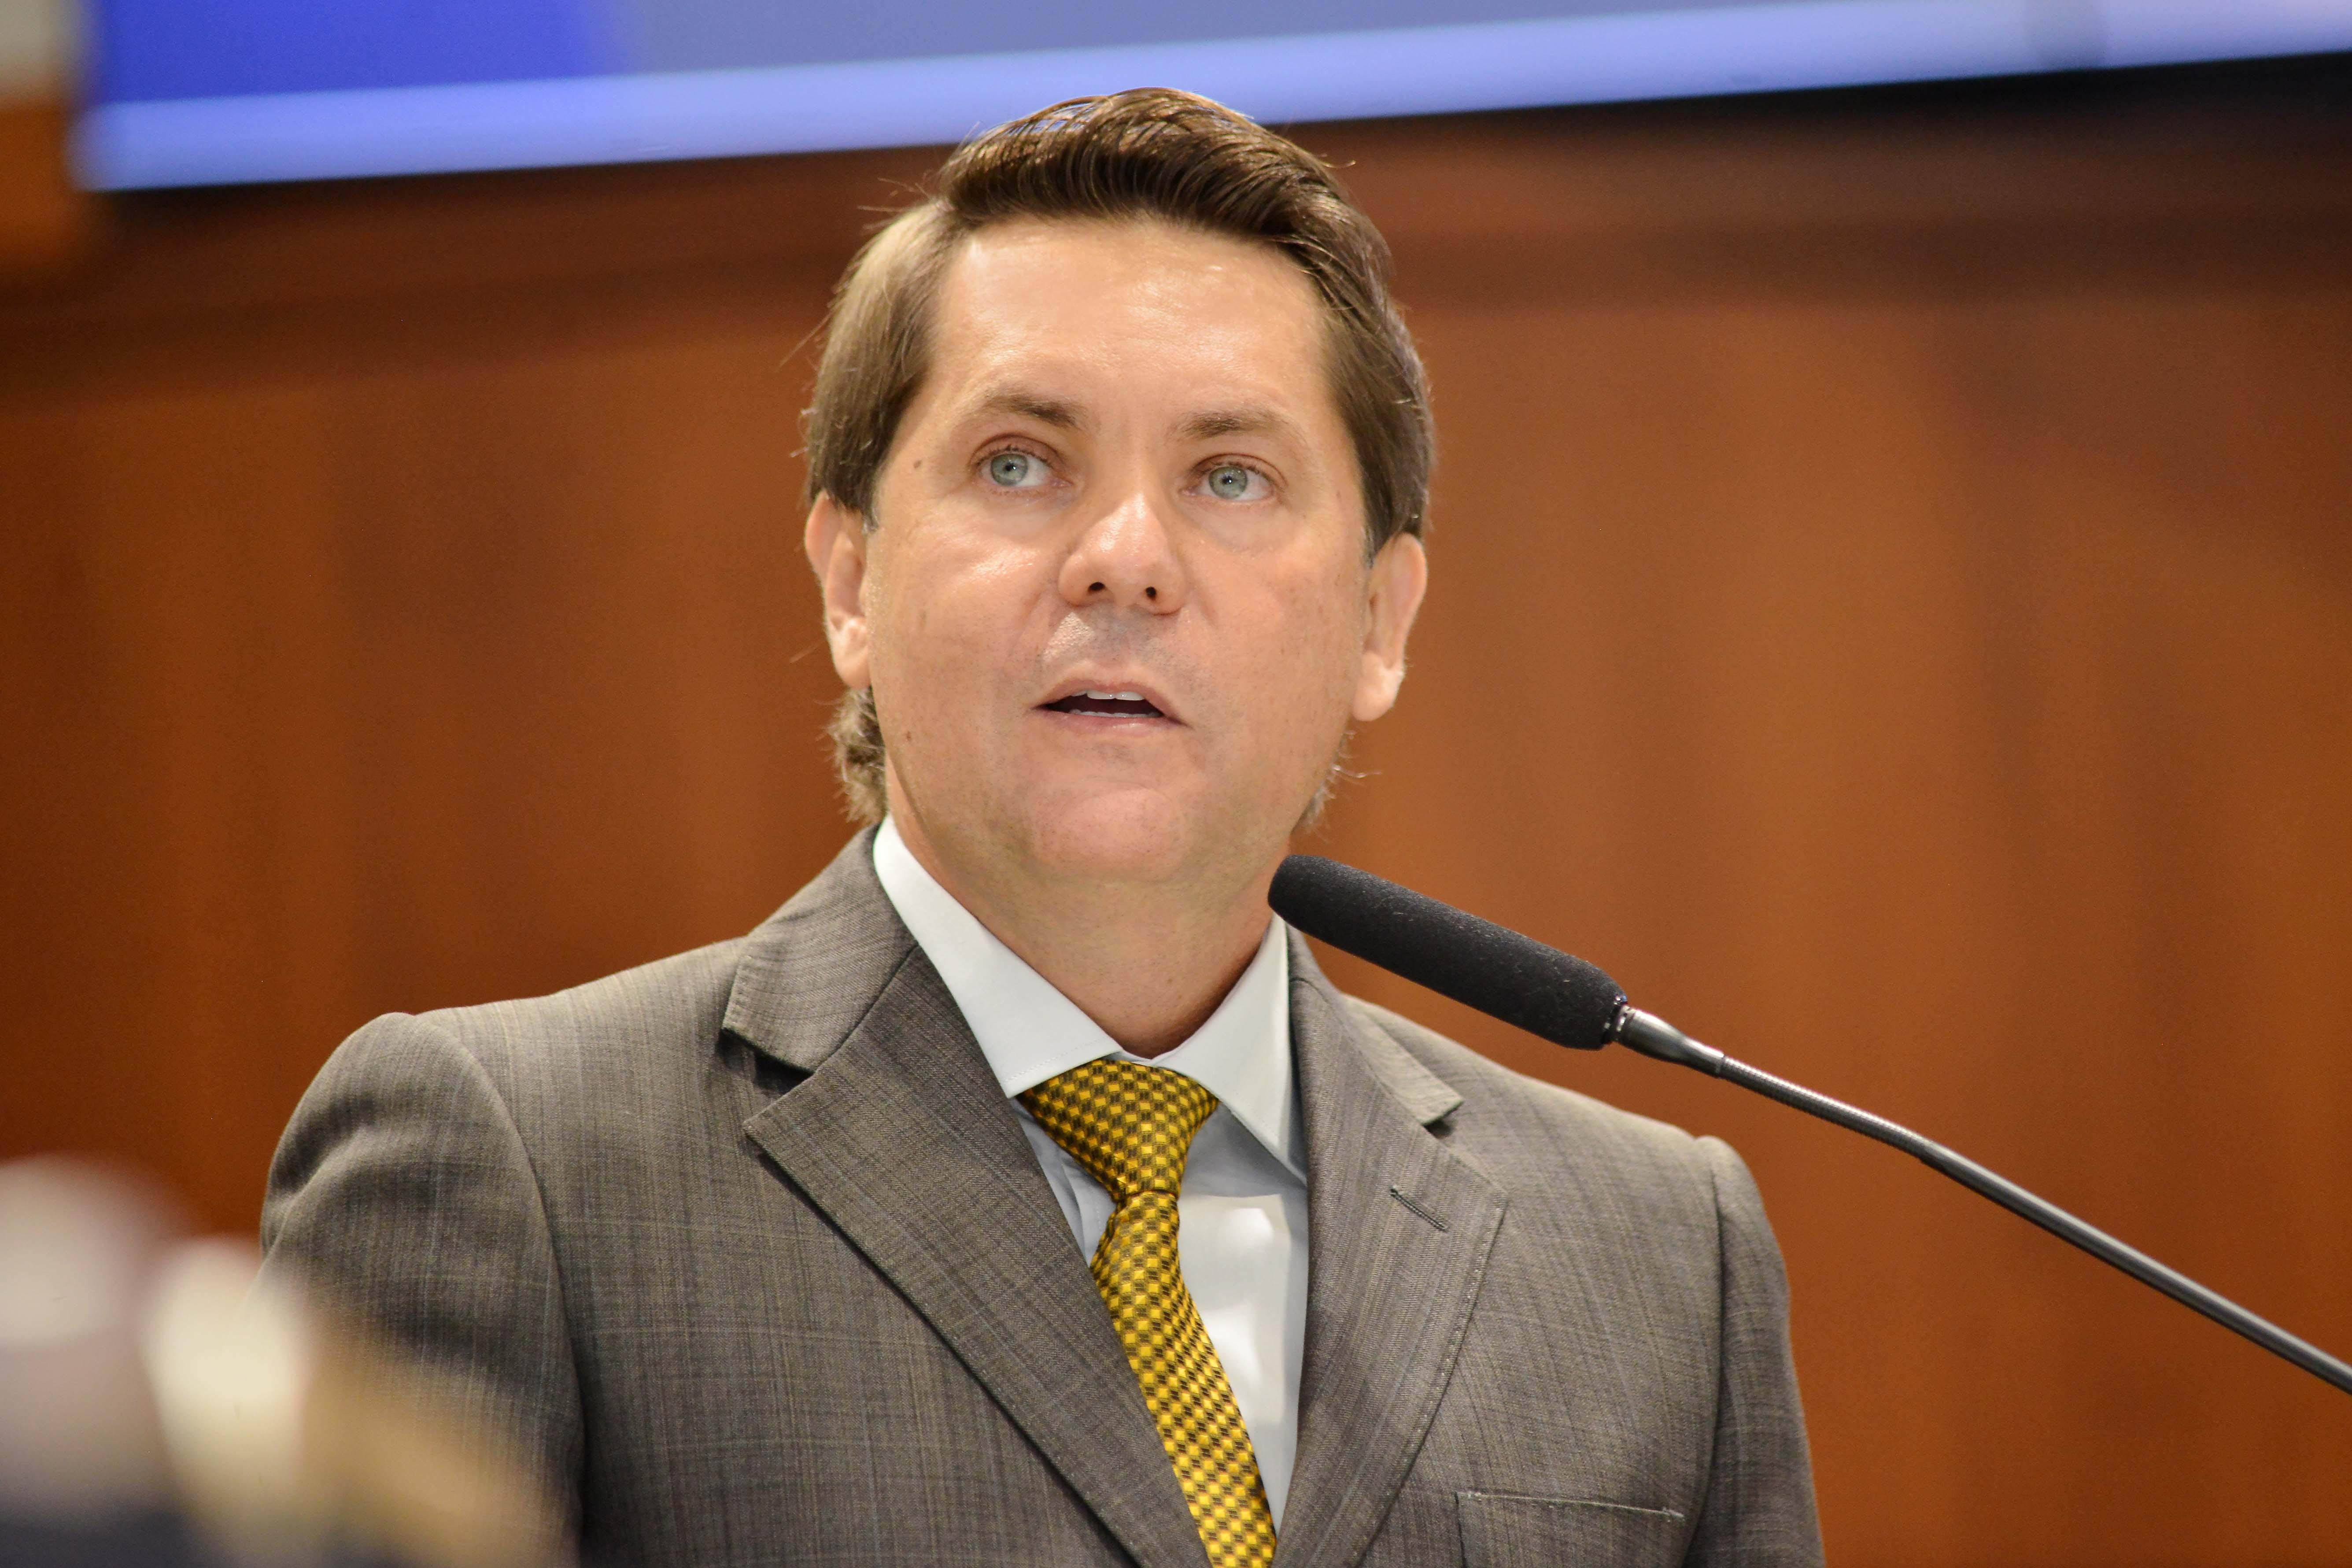 Deputado Estadual Bruno Peixoto (MDB), Líder do Governo na Alego